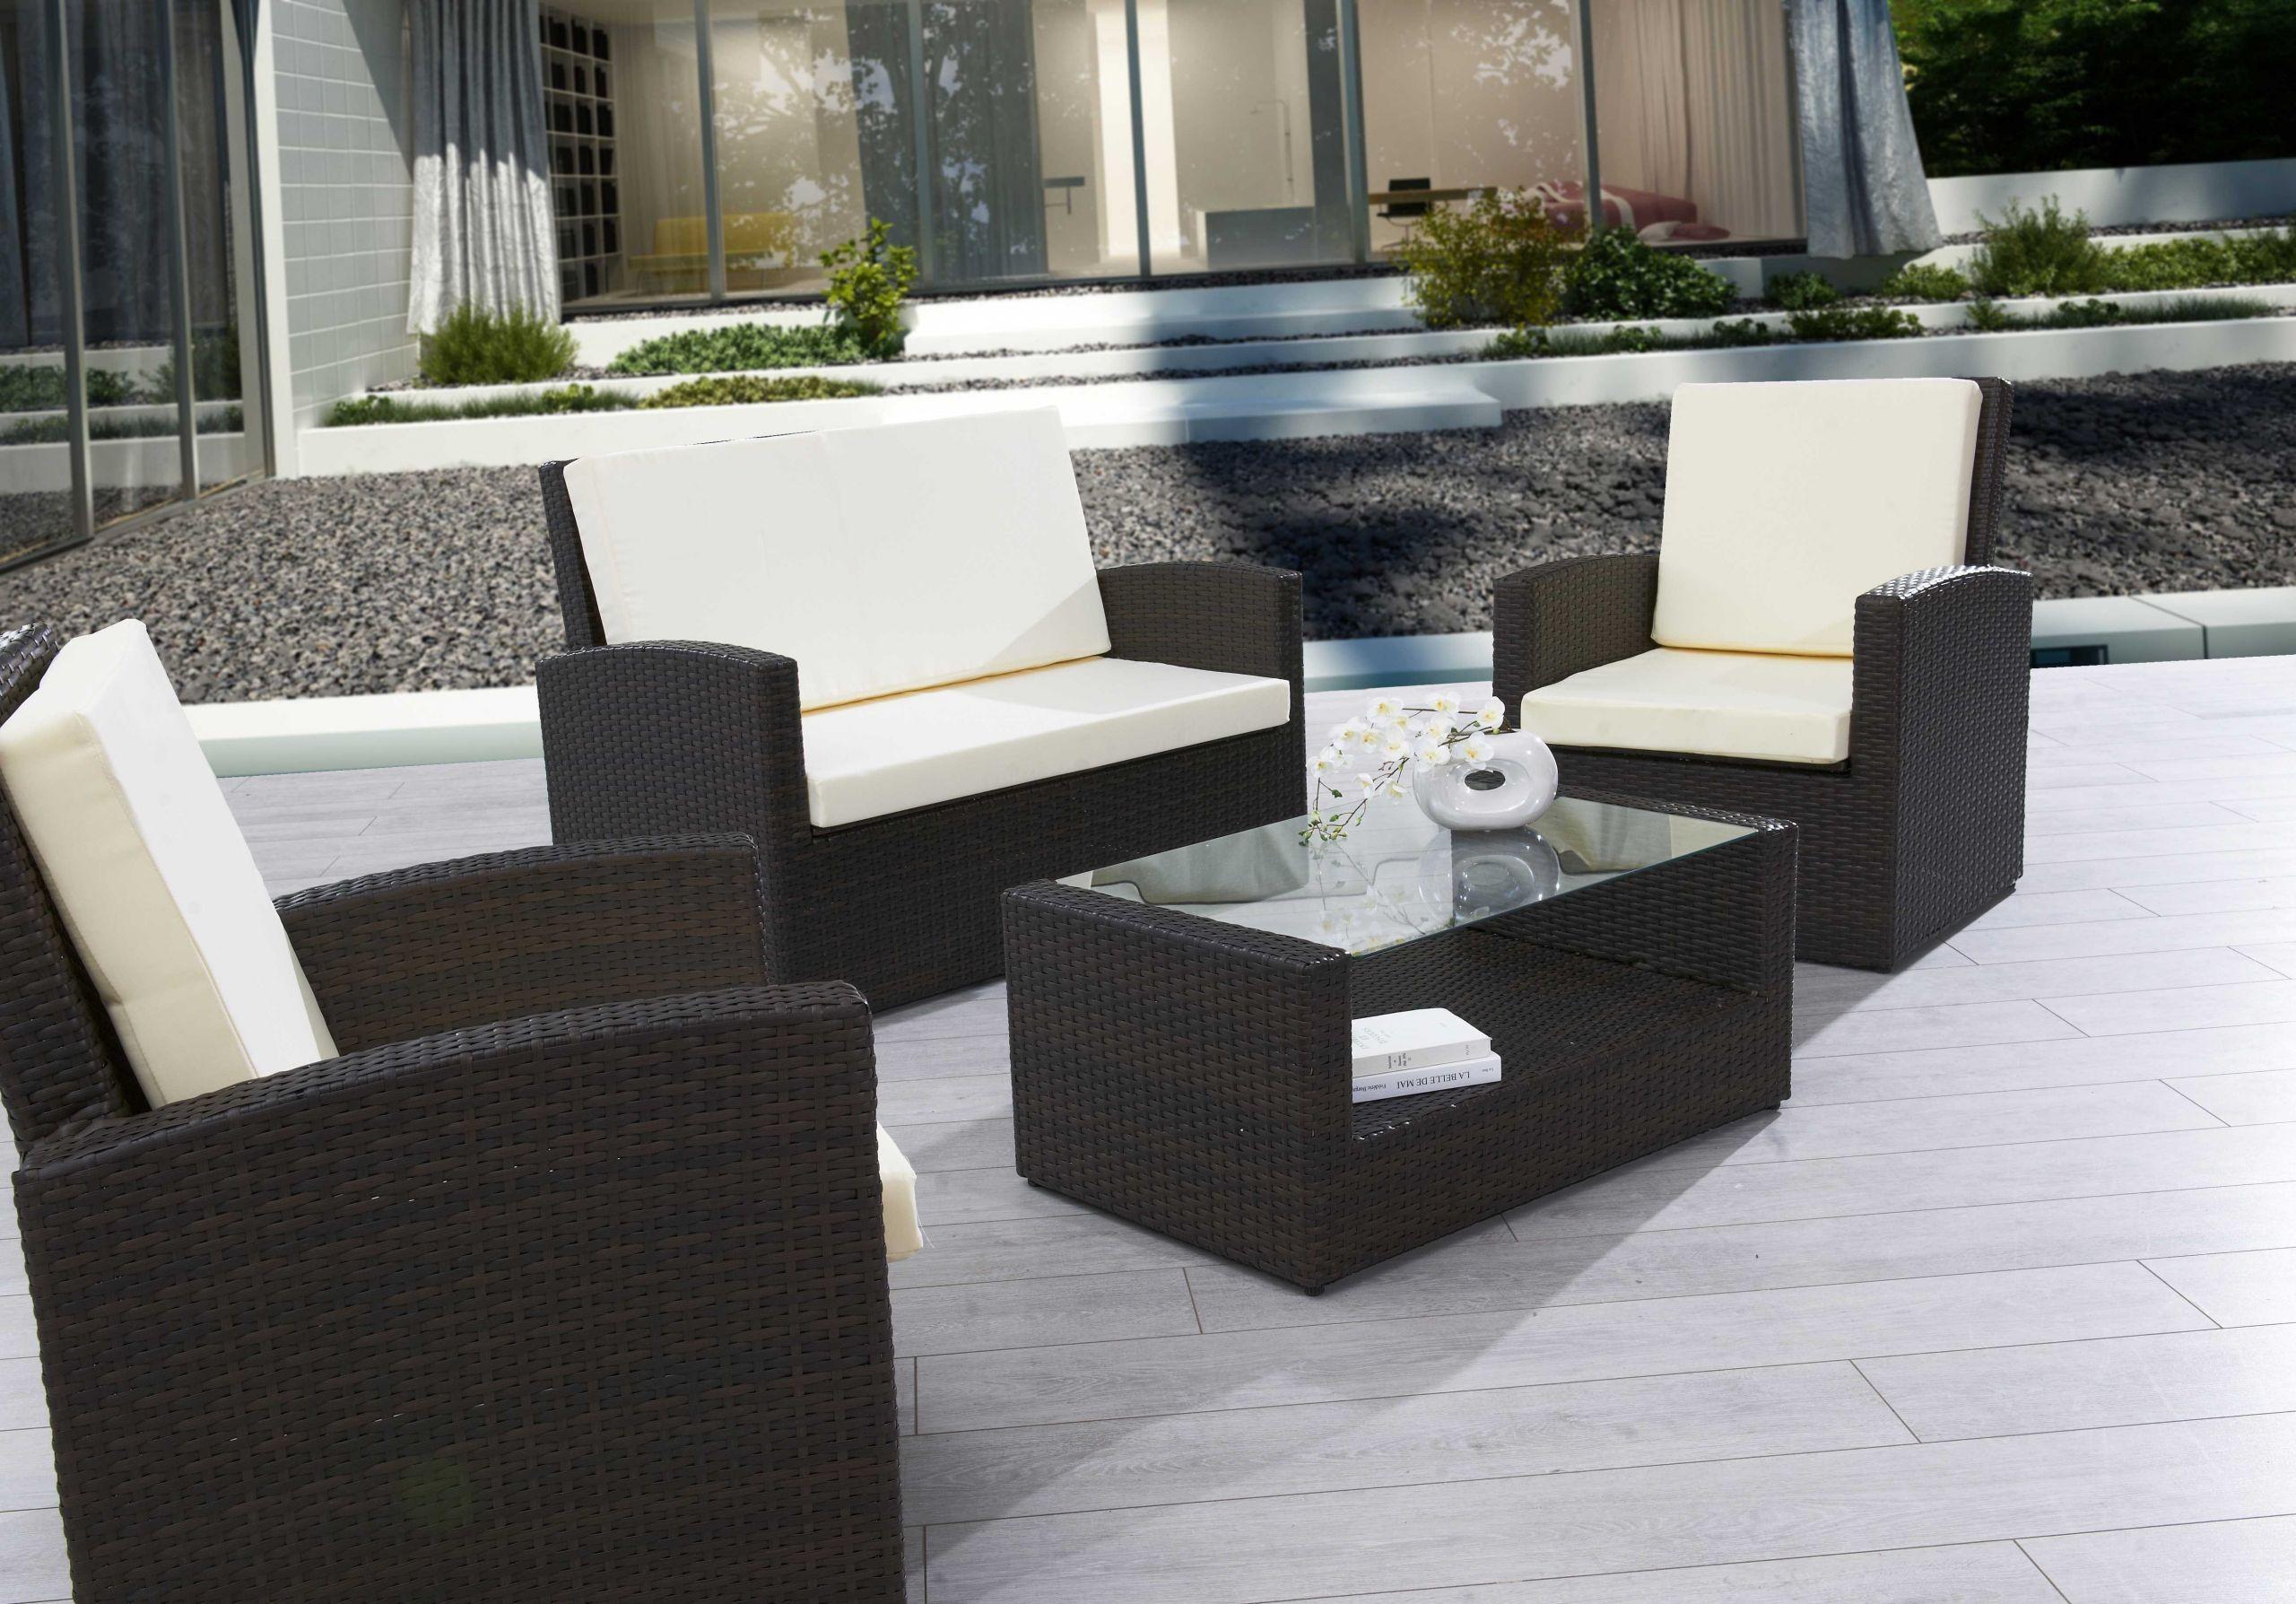 24 Luxe Salon De Jardin Pour Balcon | Salon Jardin destiné Table De Jardin Avec Chaise Pas Cher